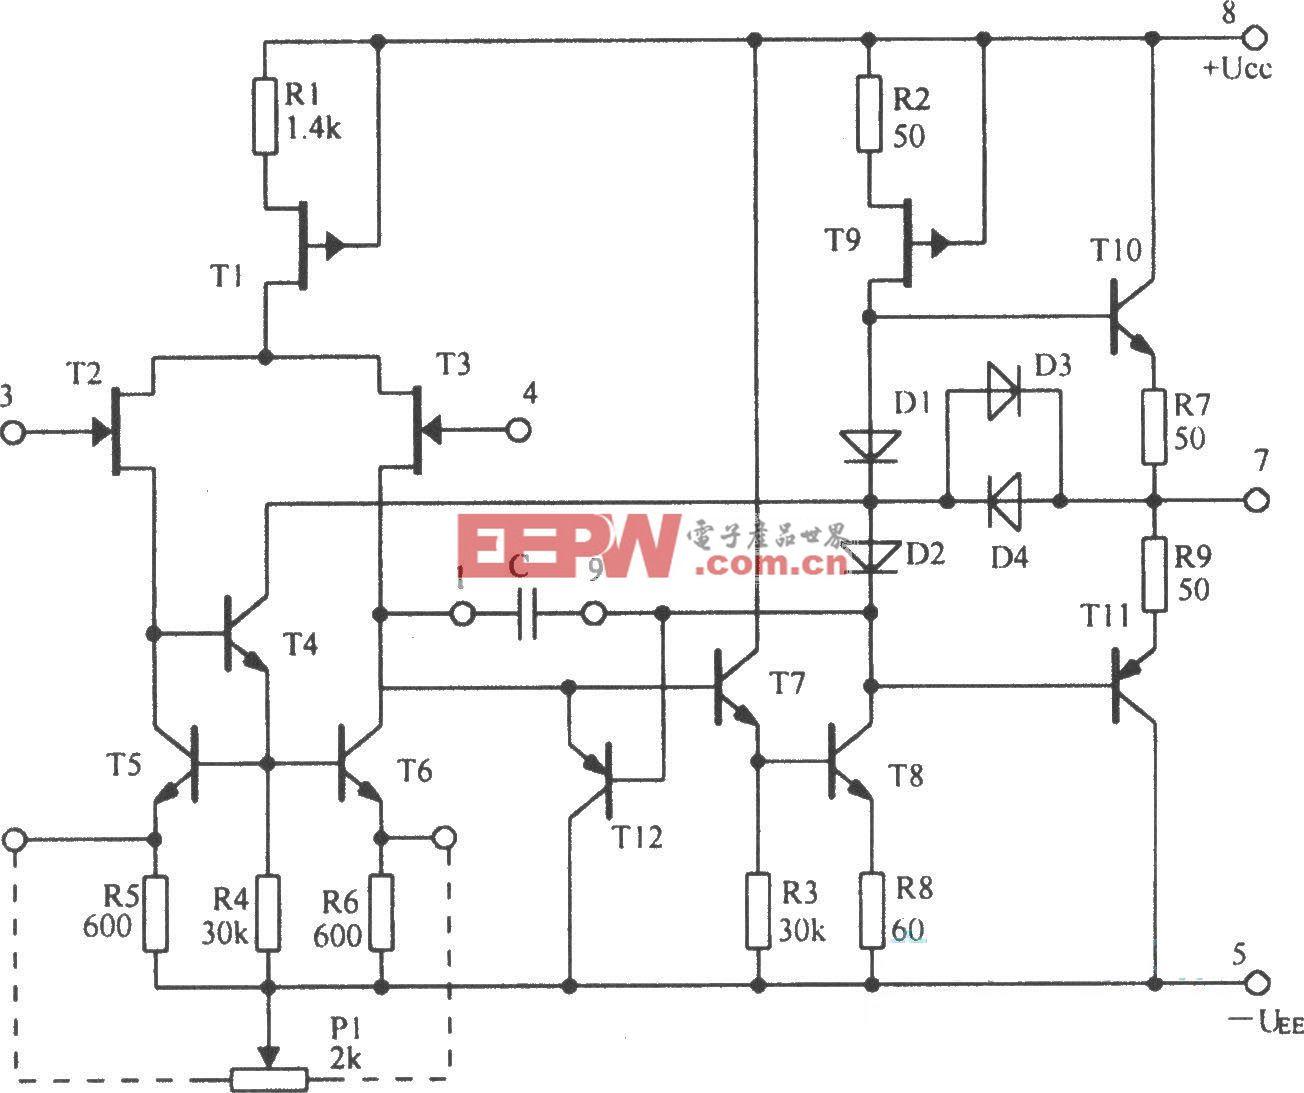 5G28集成运放的内部电路图